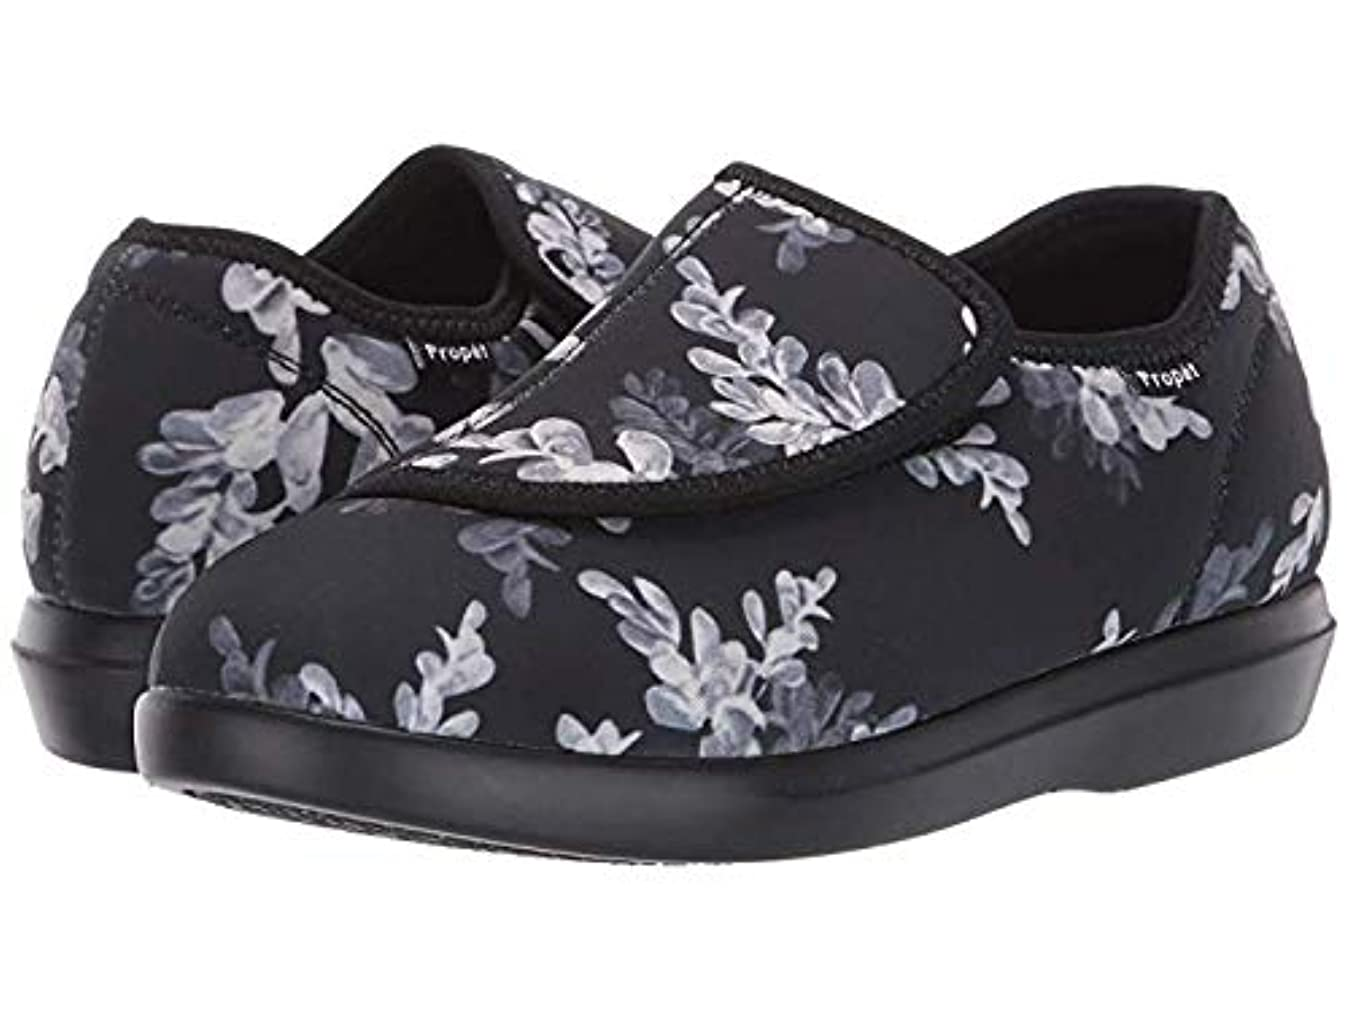 リングバック太字イブ[プロペット] レディースローファー?靴 Cush 'N Foot Black Floral (23.5cm) XX (4E) [並行輸入品]